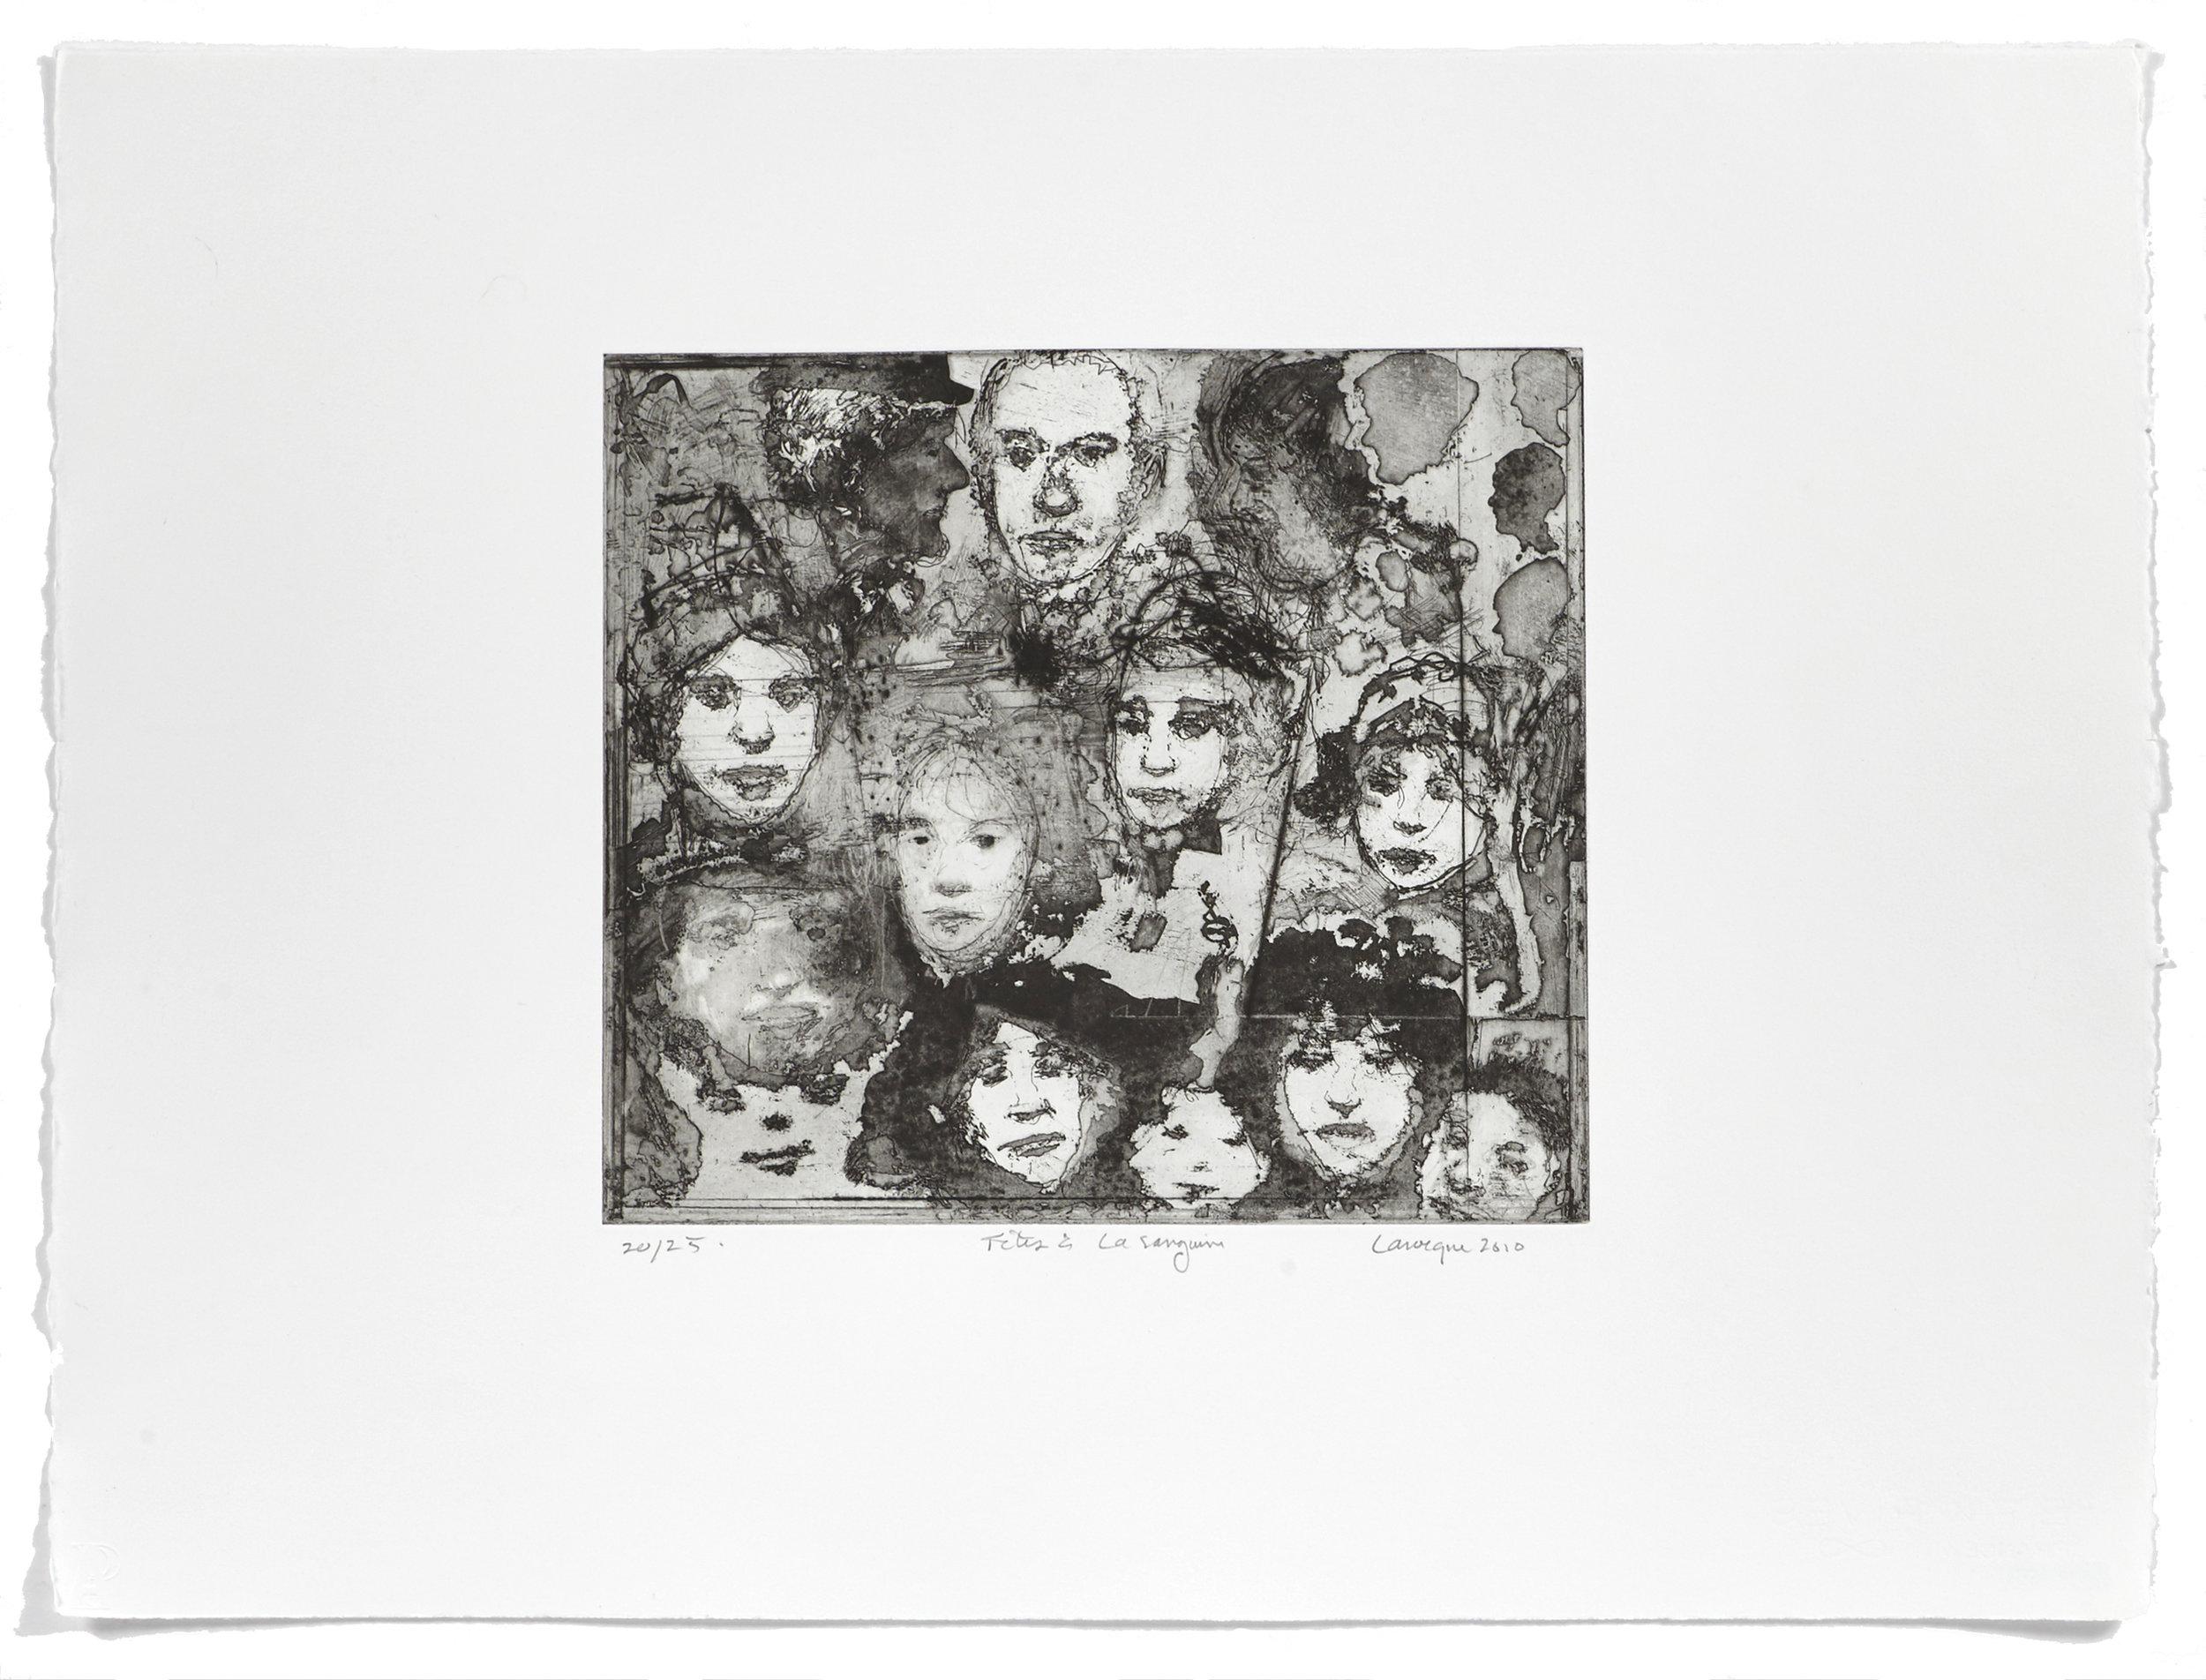 Têtes à la sanguine   2010 | 50 x 65cm | Eau-forte and aquatint | 25 prints | Editor Atelier-Galerie A. Piroir